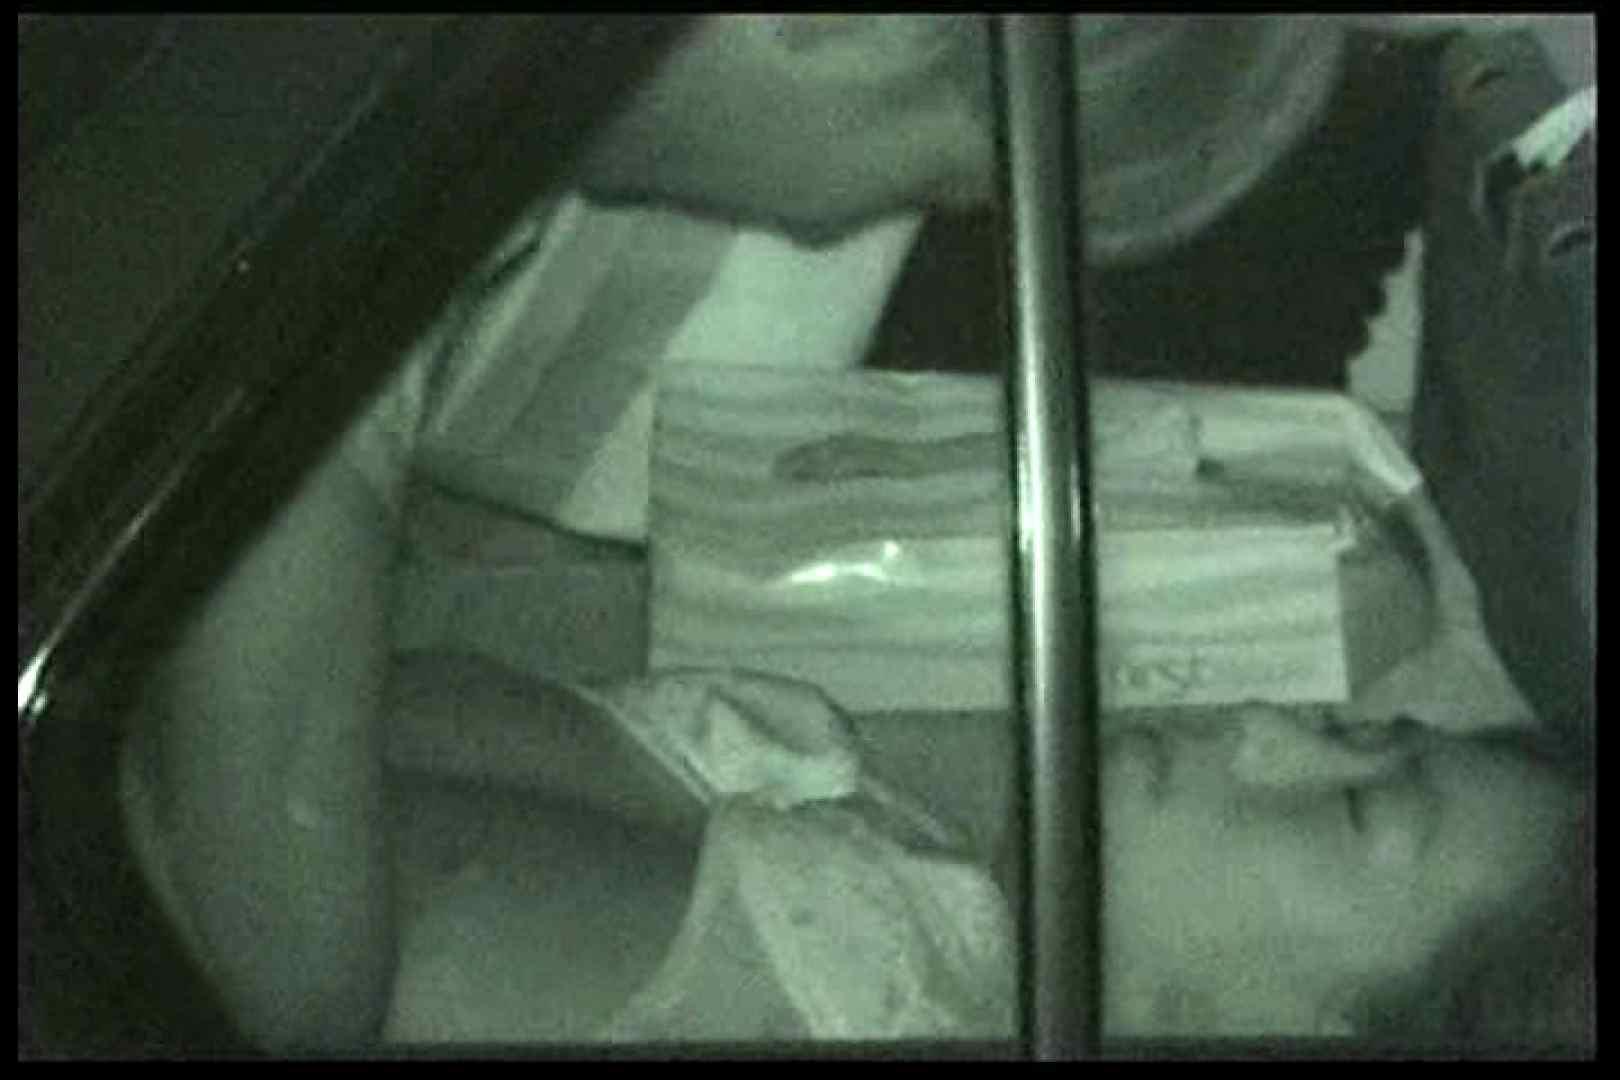 車の中はラブホテル 無修正版  Vol.13 赤外線 スケベ動画紹介 80連発 23